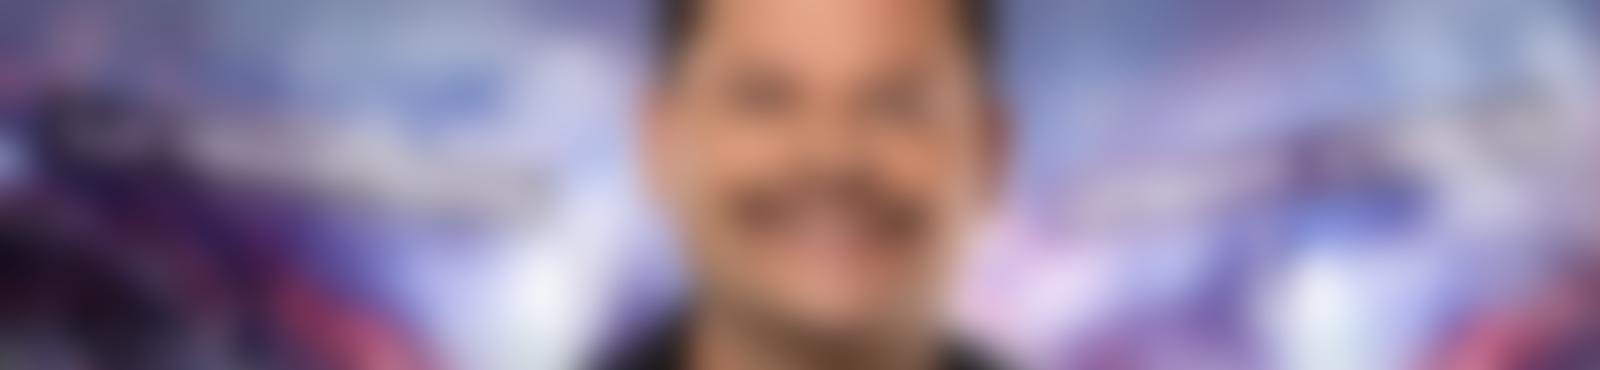 Blurred 91f17ca0 aed8 4271 a1e0 1129280666c2